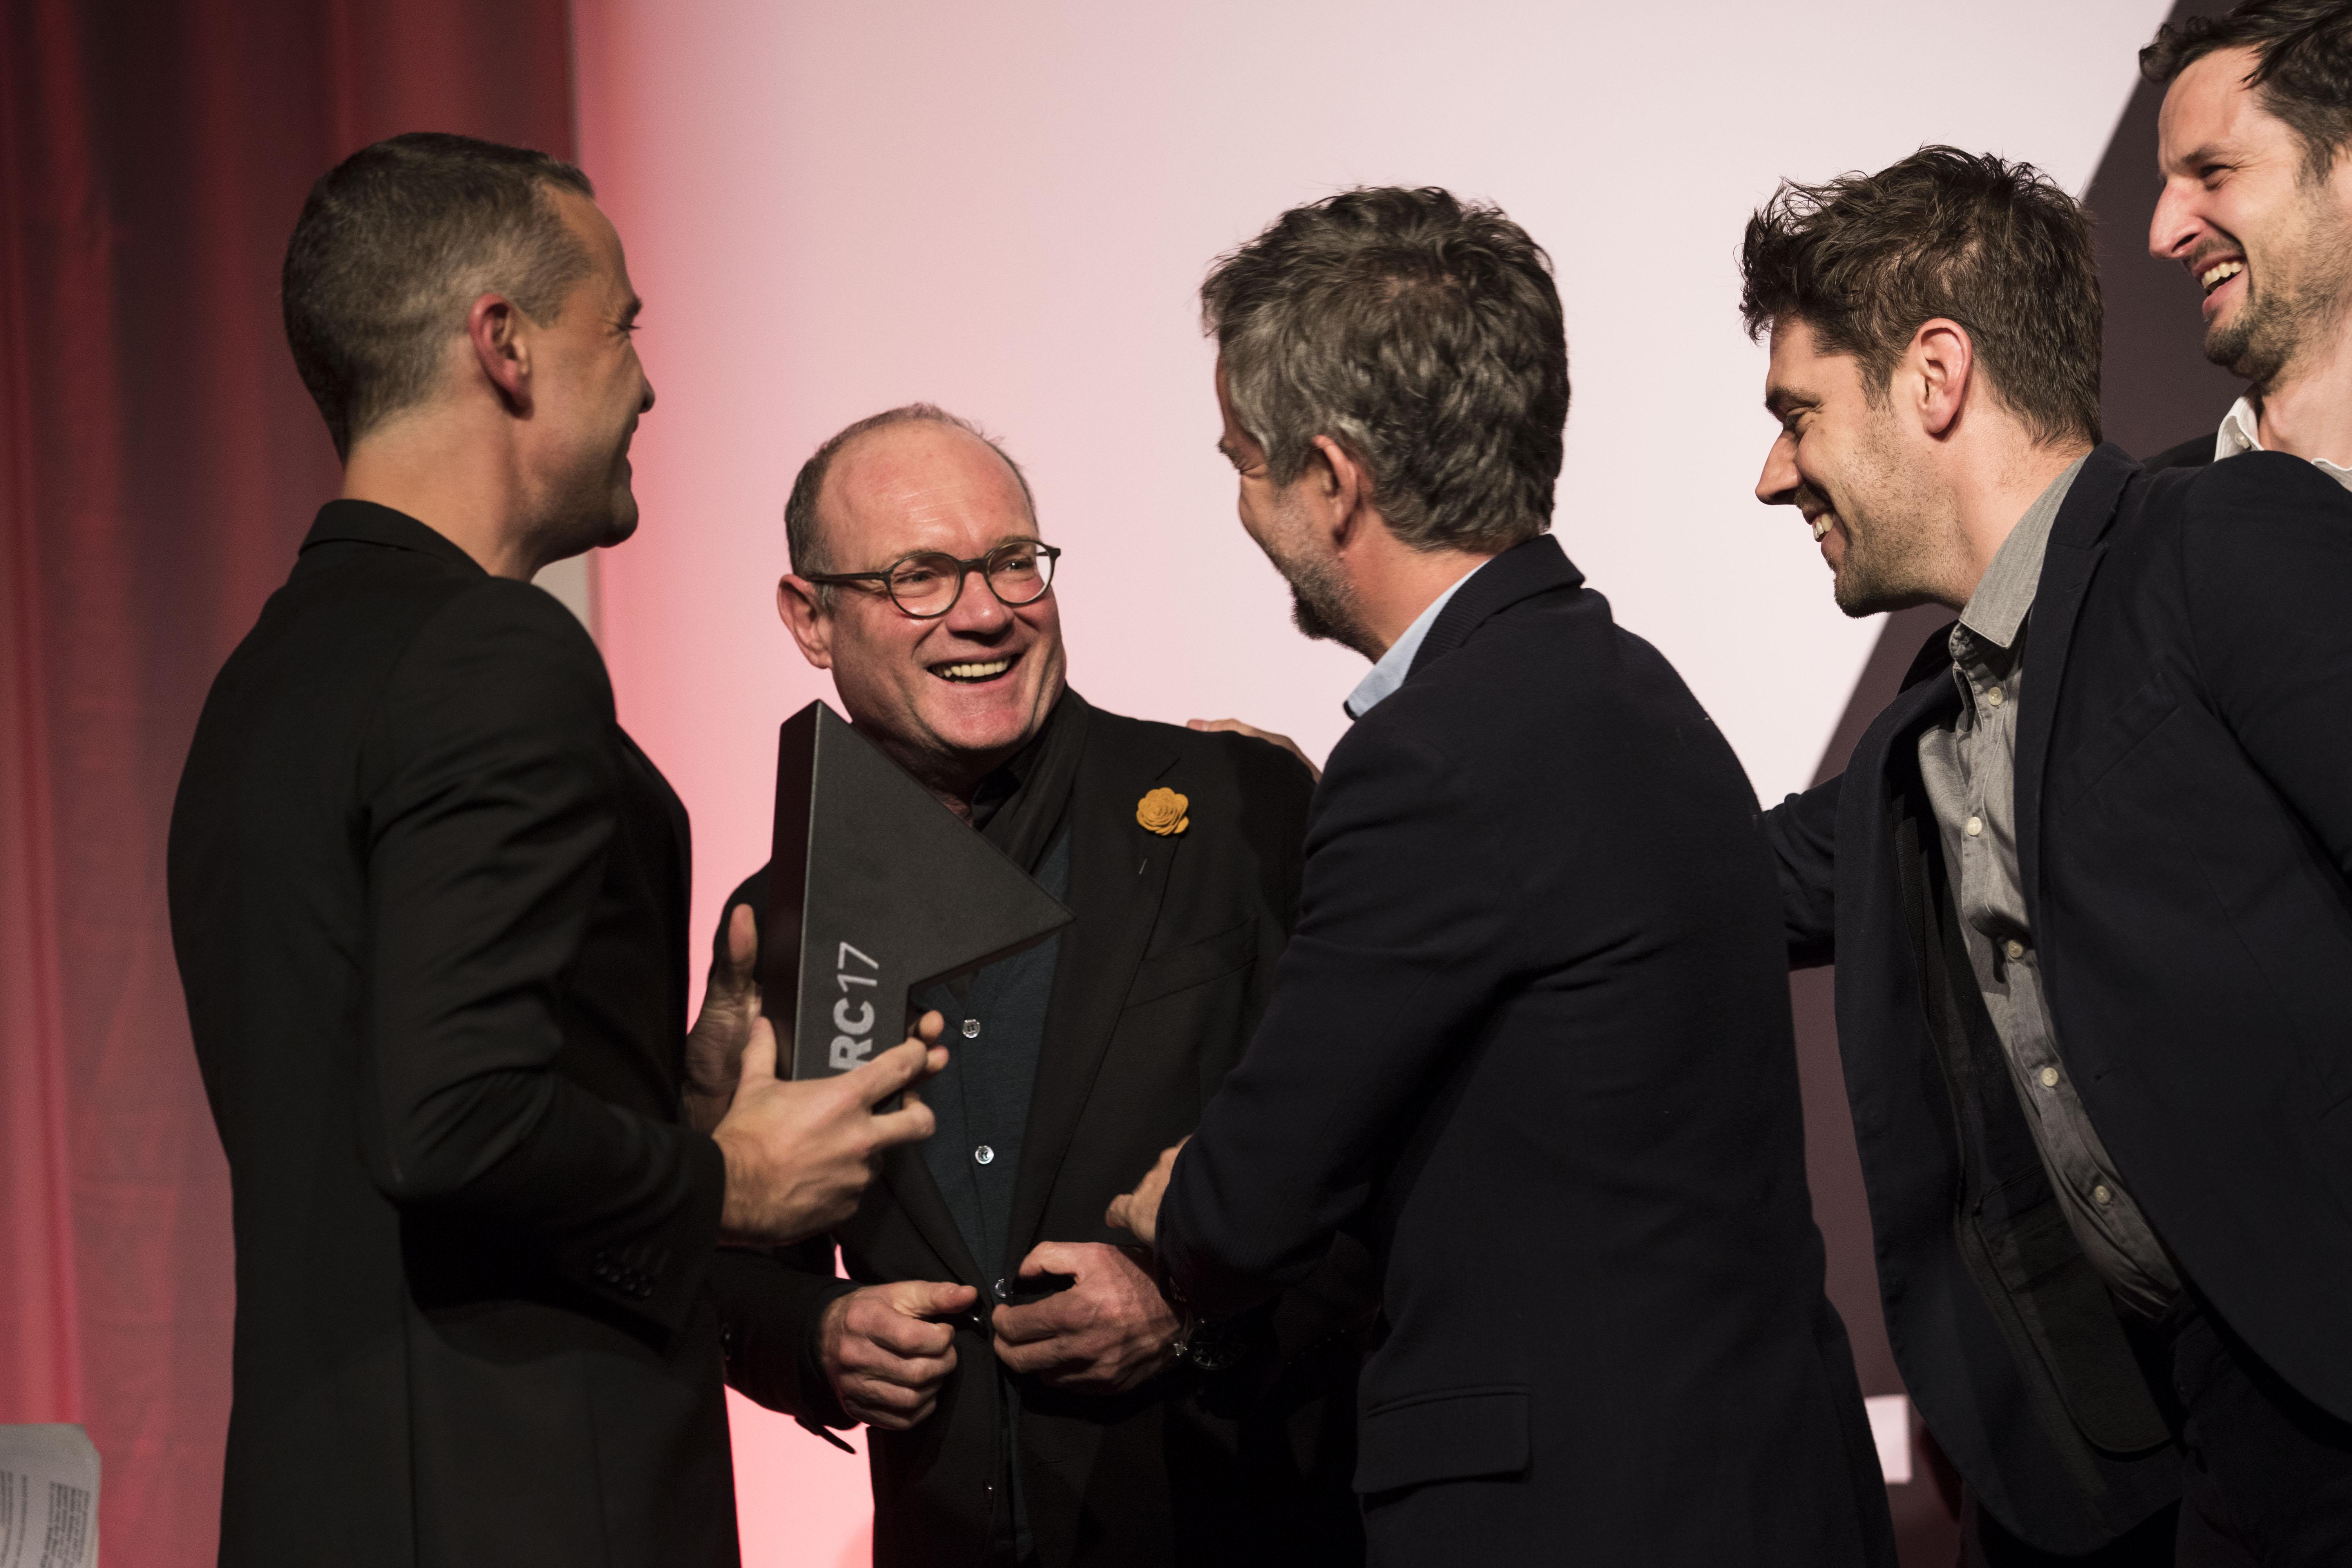 <p>Francesco Messori en de winnaars van de ARC17 Innovatie Award: Superuse Studio. Foto Elvins Fotografie</p>